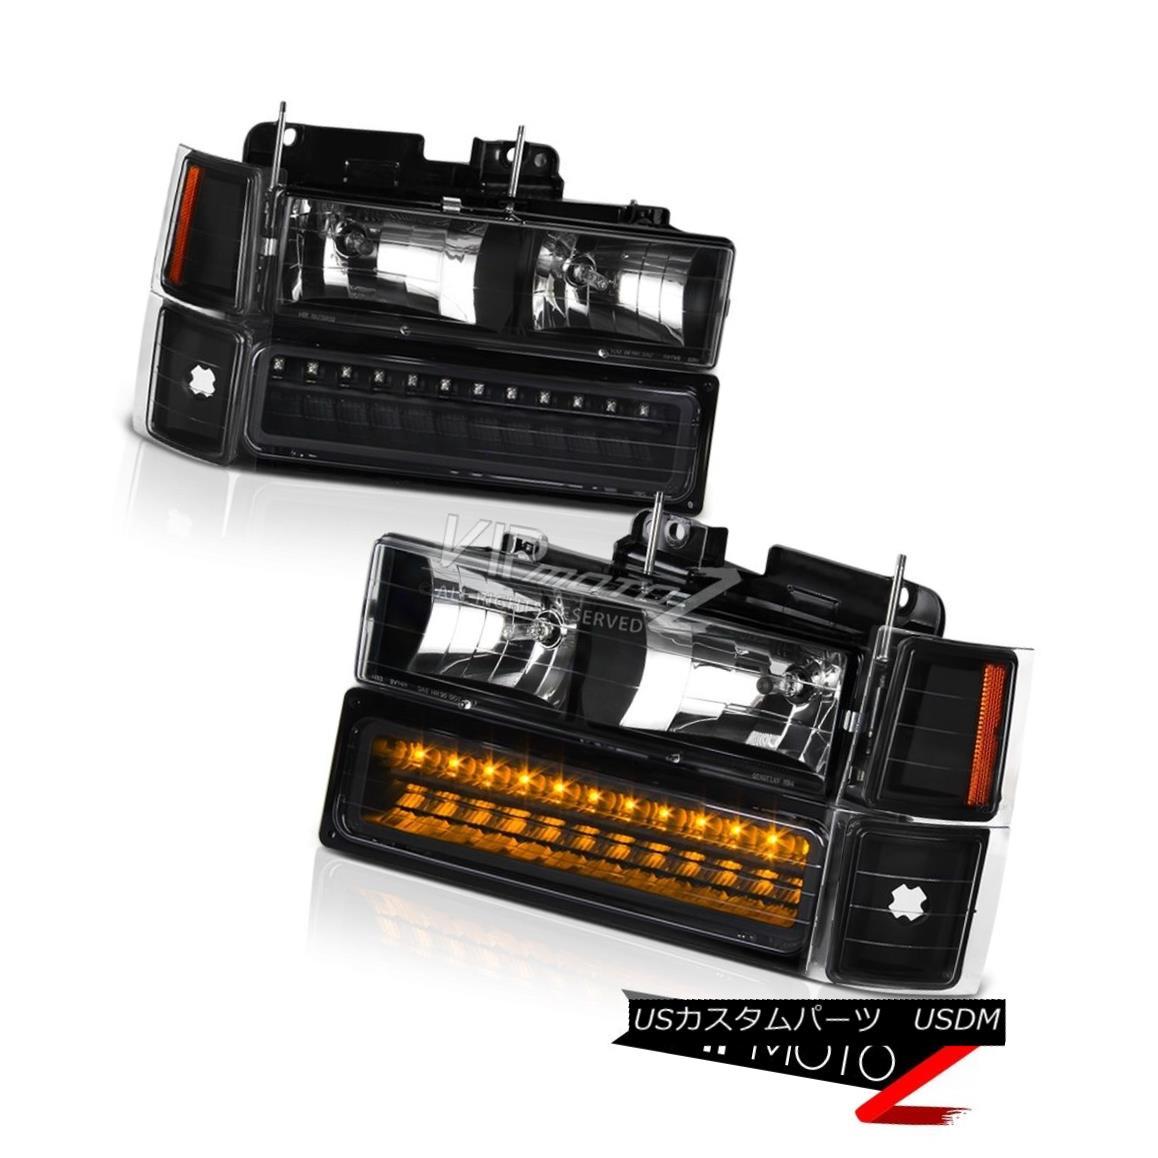 ヘッドライト 1994-2000 C2500 C3500 K2500 K3500 Amber LED Parking Signal Headlights Headlamps 1994-2000 C2500 C3500 K2500 K3500琥珀LEDパーキング信号ヘッドライトヘッドランプ